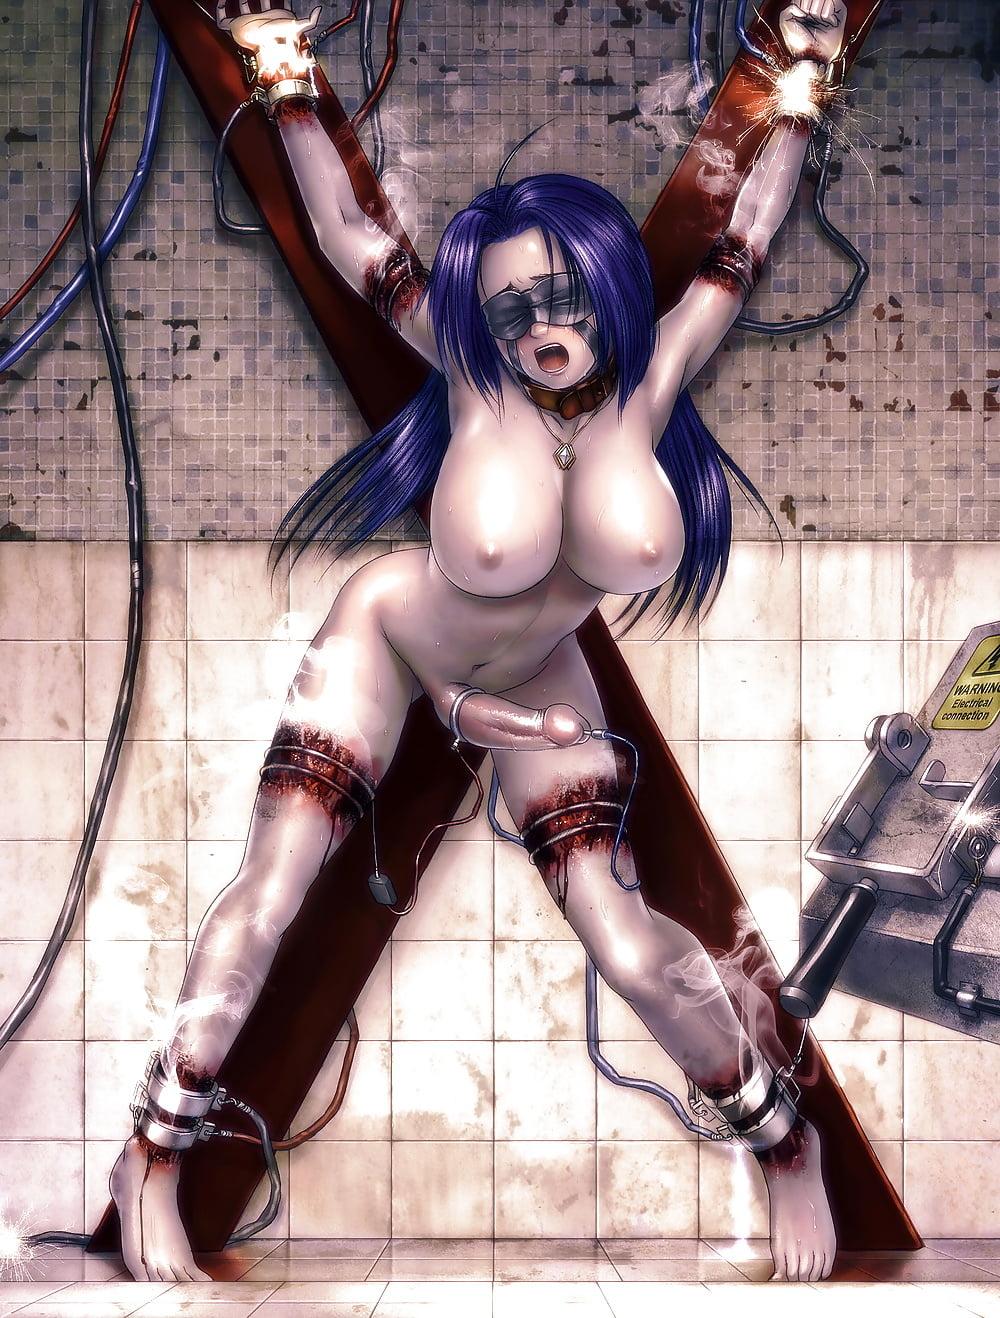 Torture porn hentai